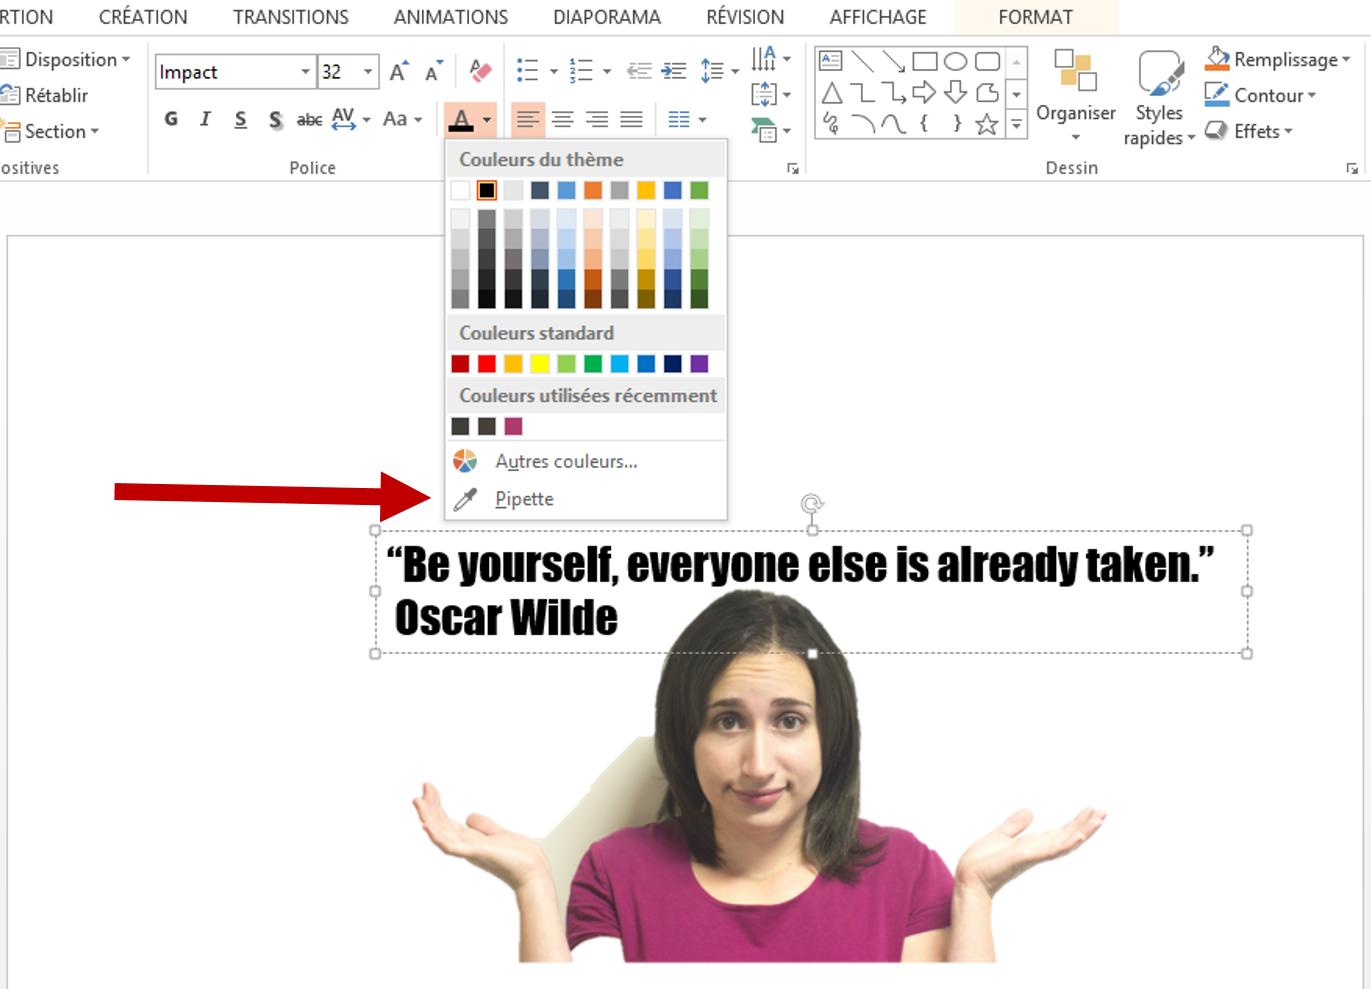 modifier la couleur d'un texte dans une diapositive Powerpoint